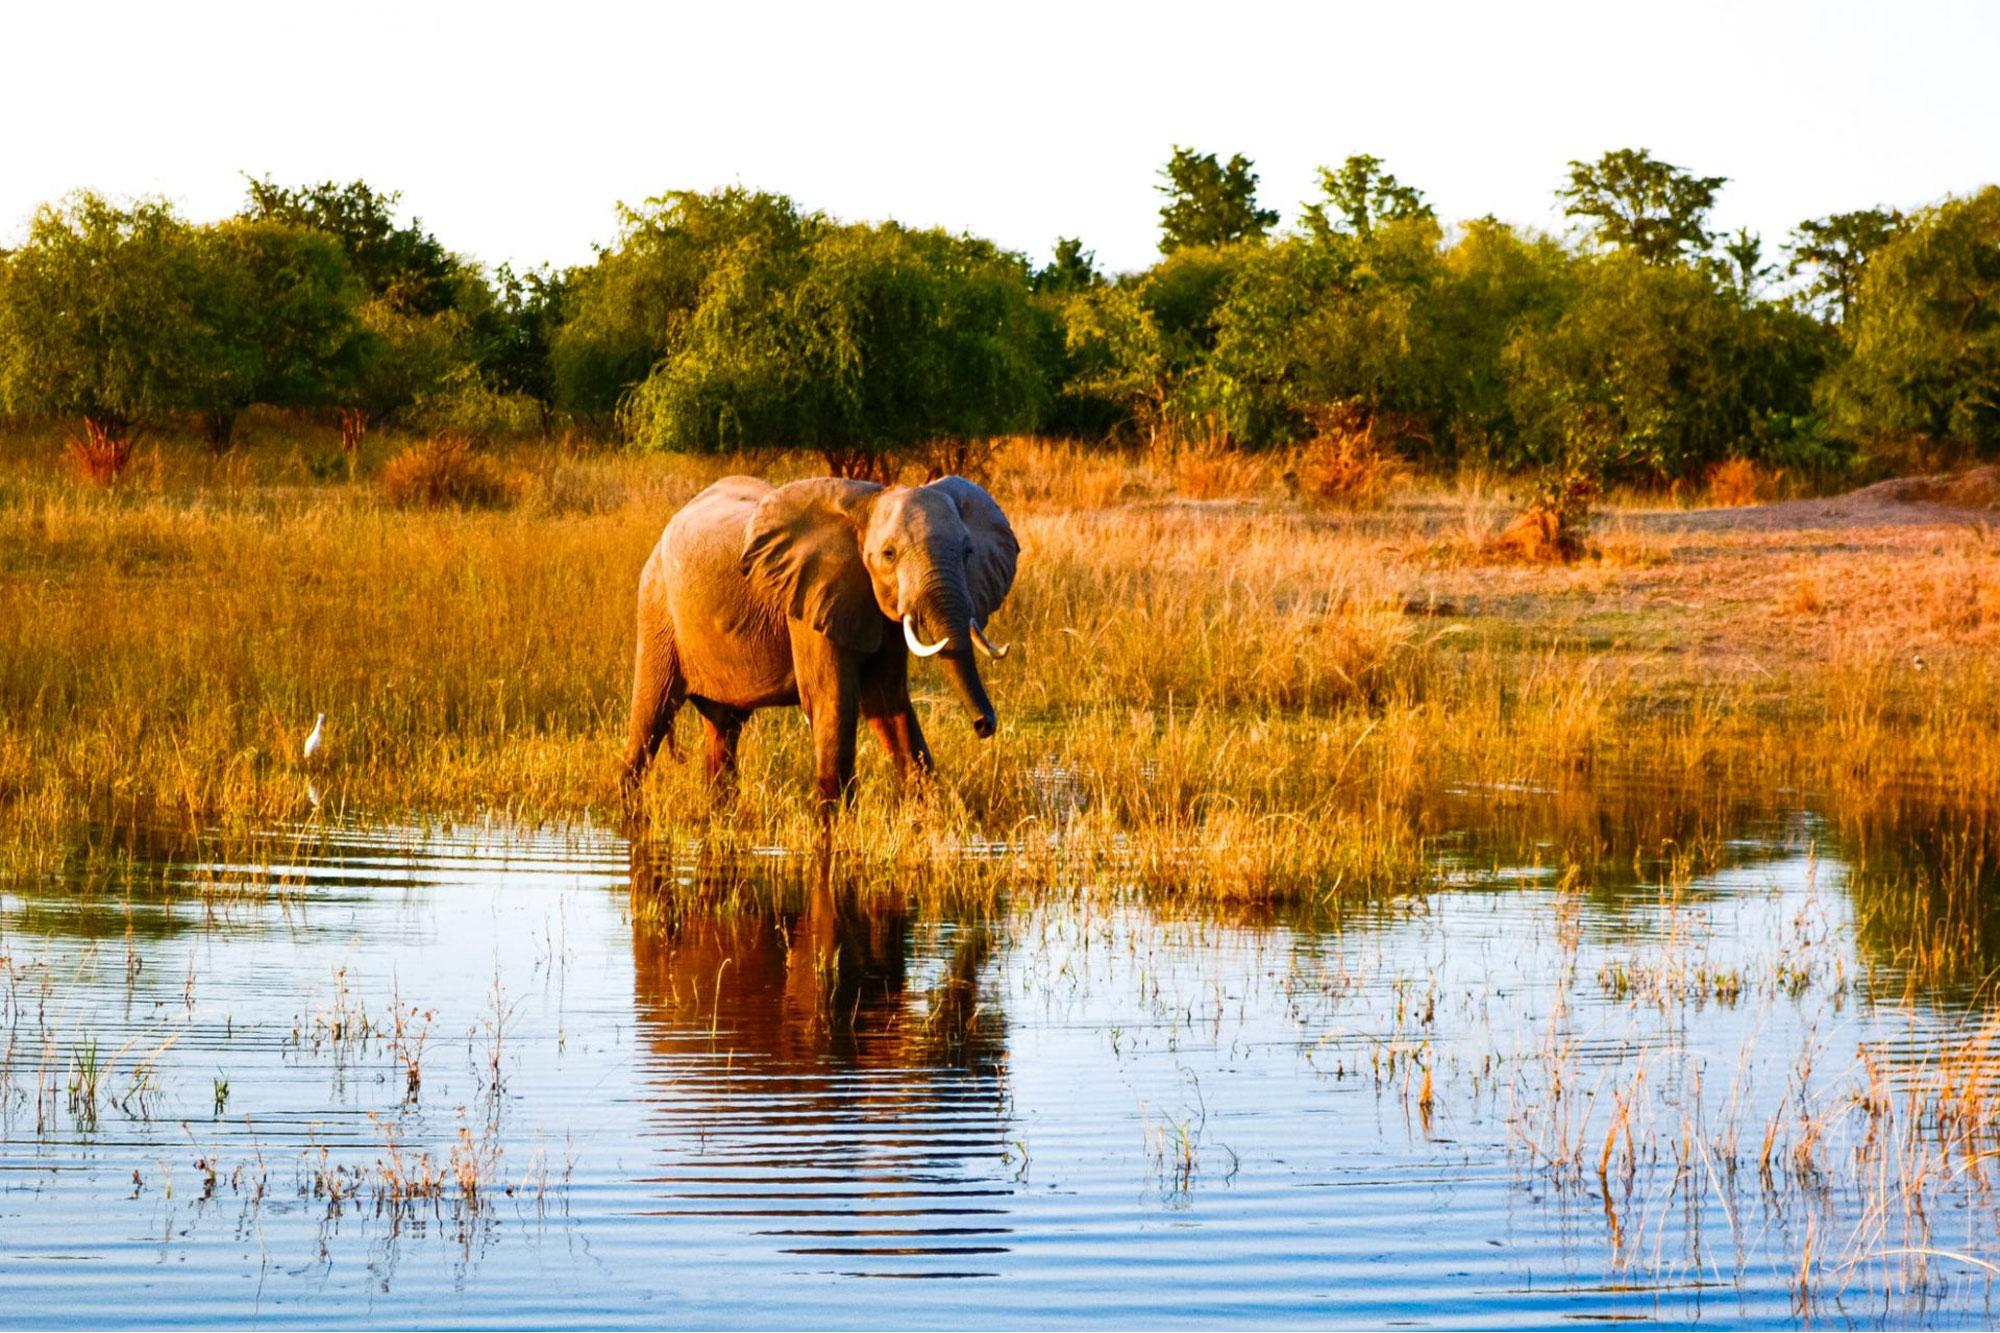 Baby elephant at Lake Kariba, Siavonga, Zimbabwe